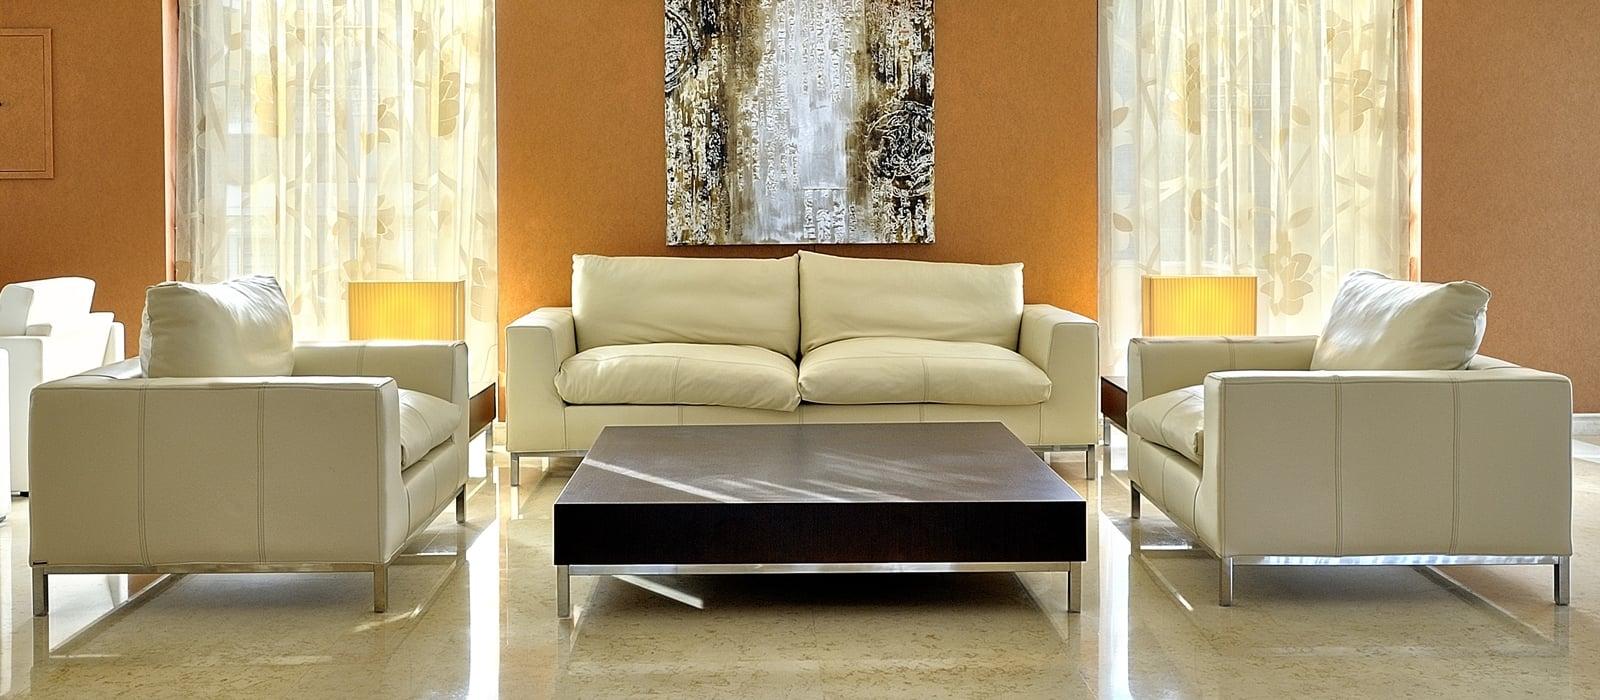 Servicios Hotel Vincci Aleysa Boutique&Spa - Salones y Eventos